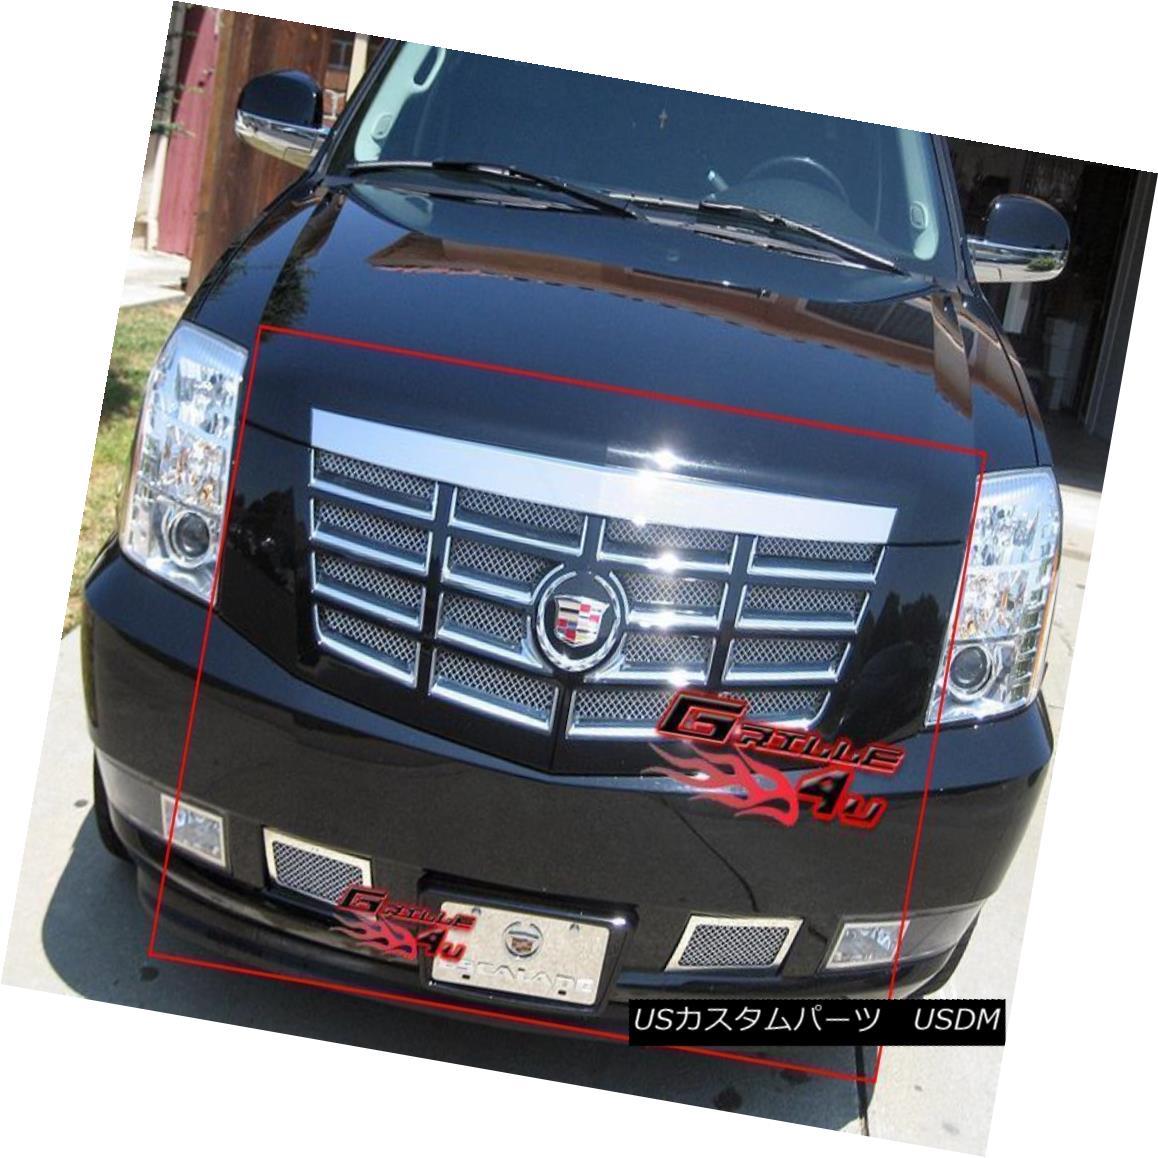 グリル Custom Fits 2007-2014 Cadillac Escalade Mesh Grill Combo Custom Fits 2007-2014 Cadillac Escaladeメッシュグリルコンボ